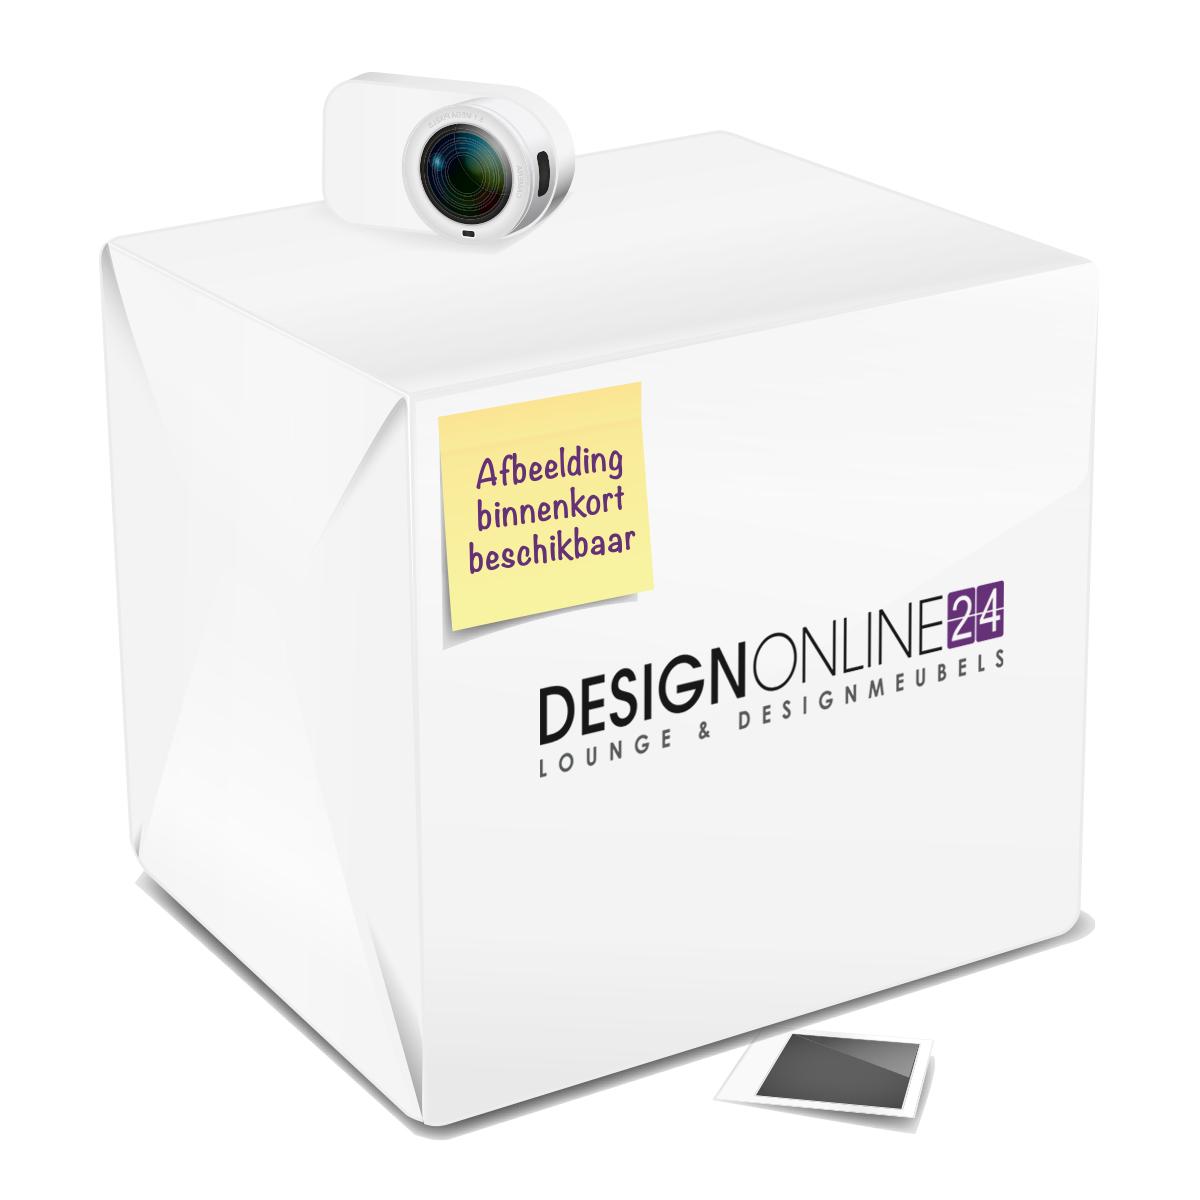 24Designs Loungeset voor 4 Personen - Marina - Zandkleur Polyrattan Wicker met Bruine kussens